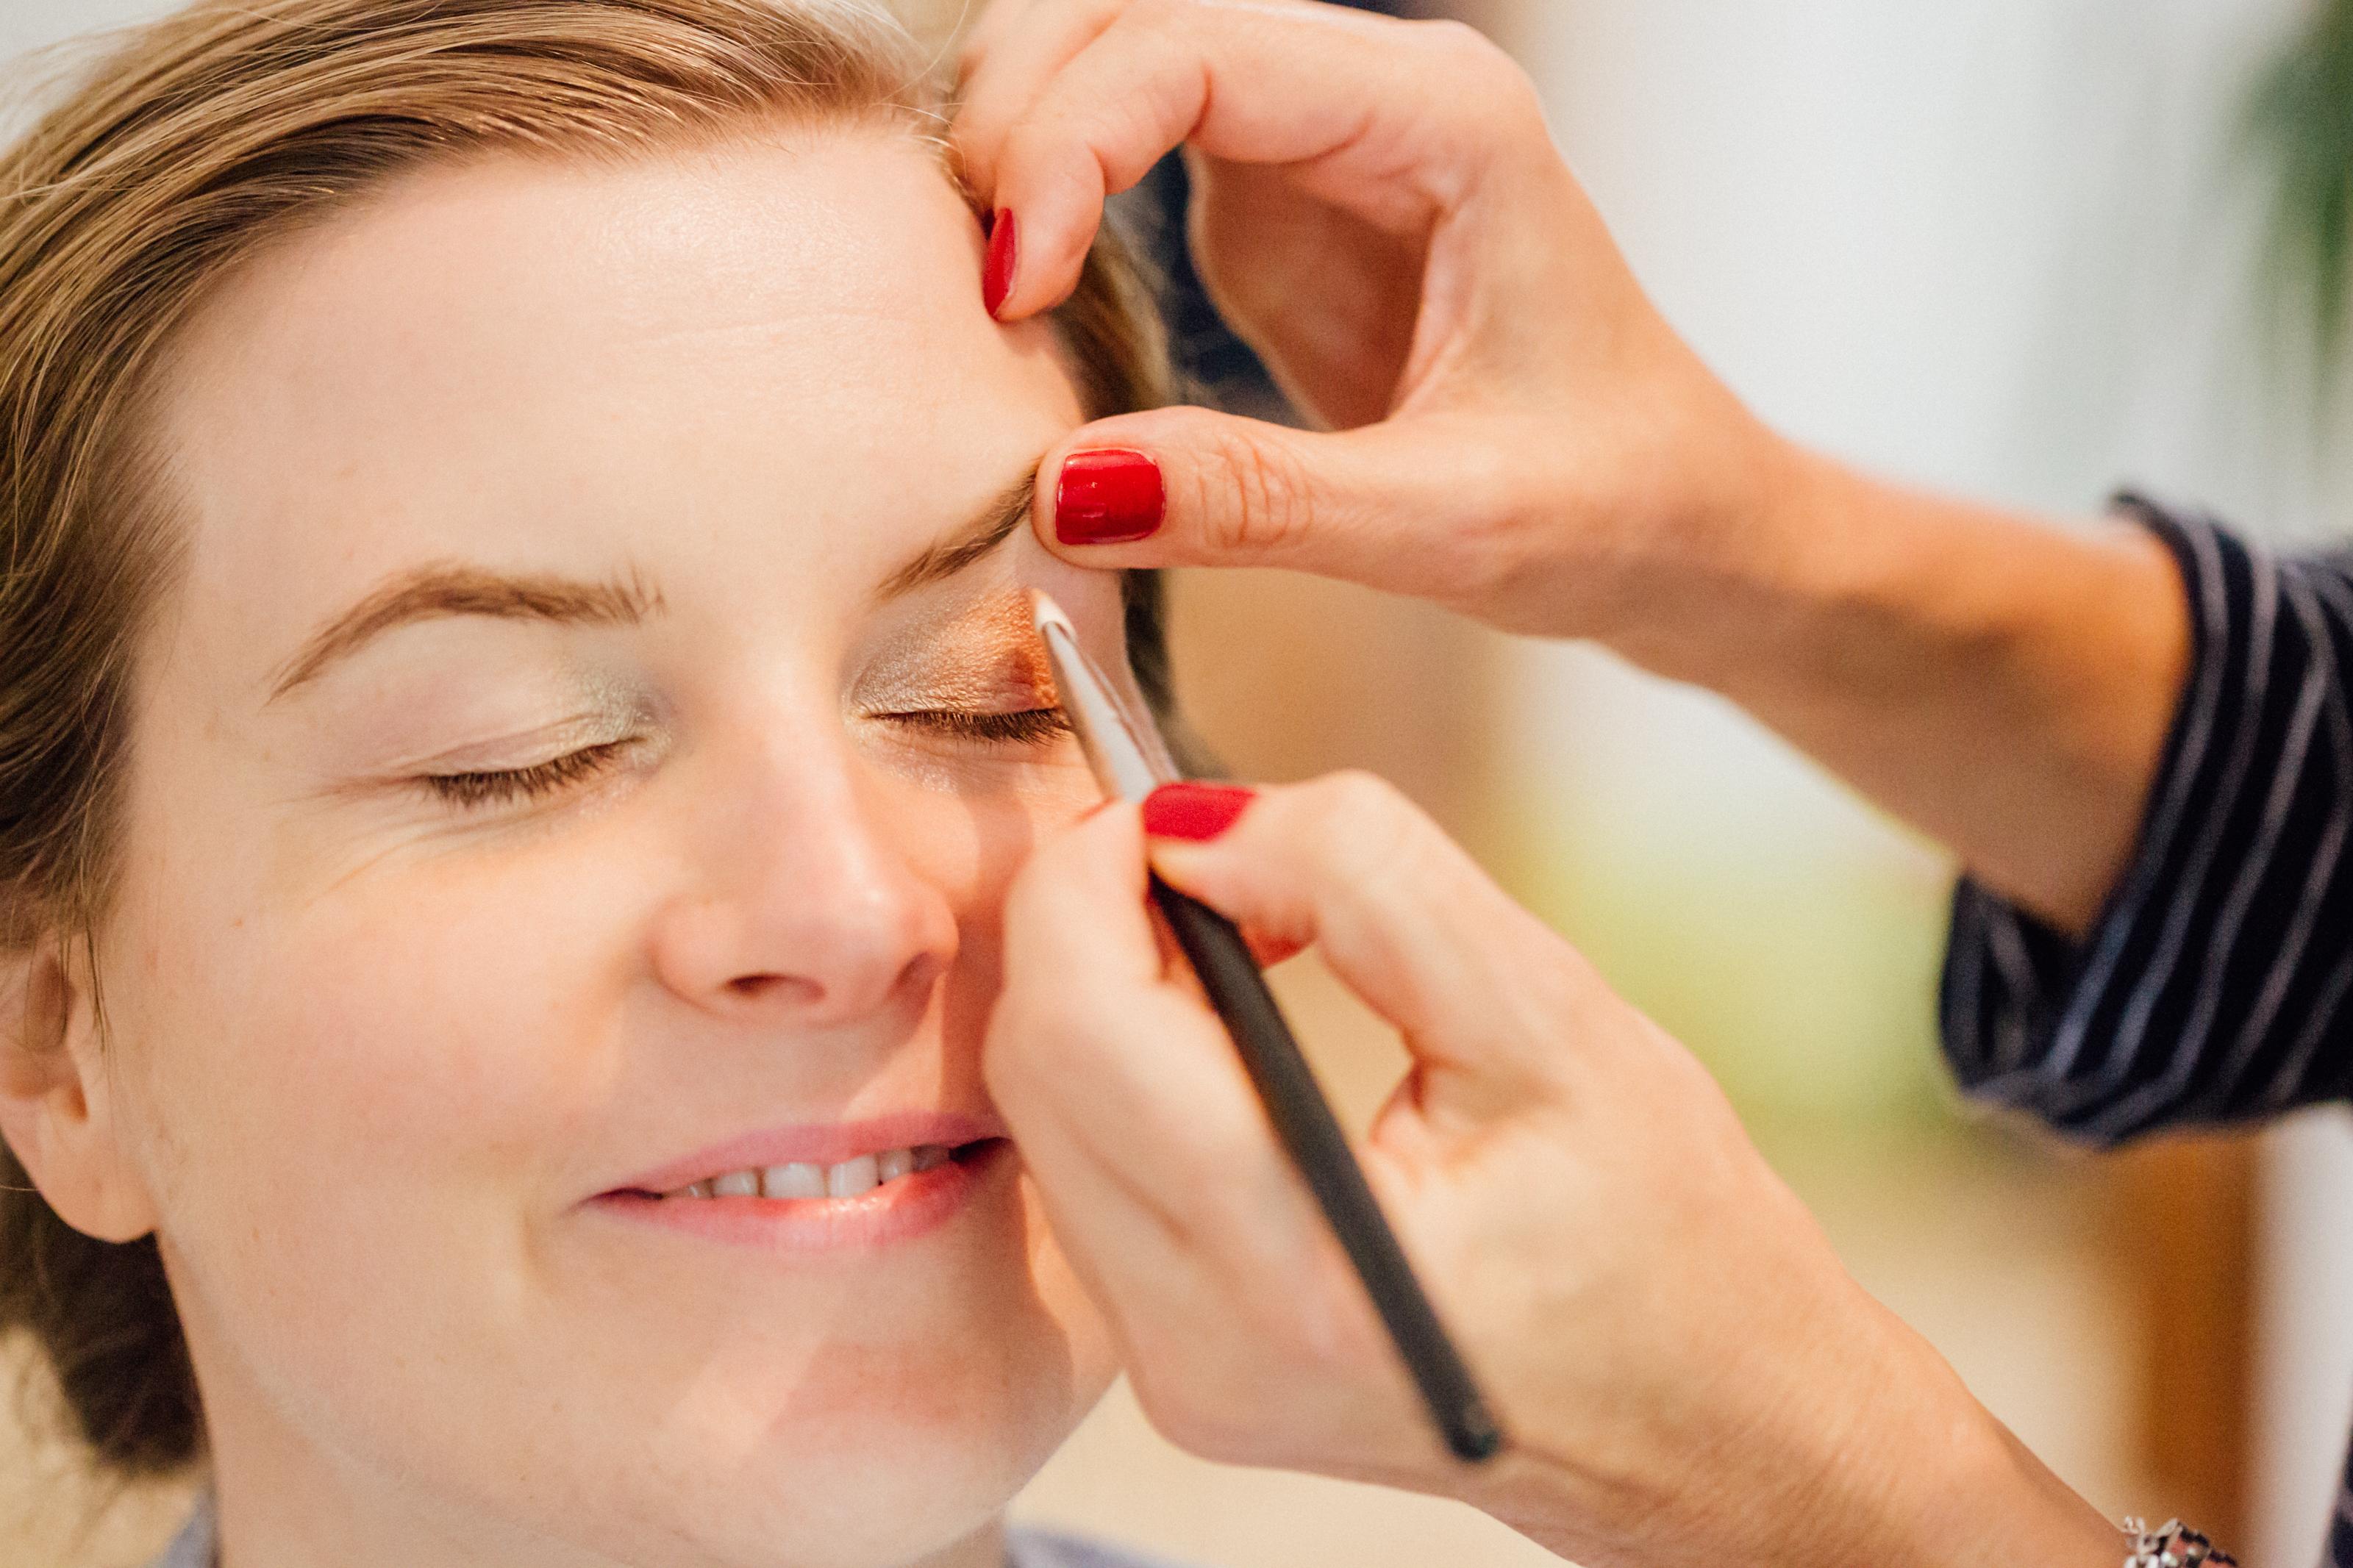 Beautycoaching: schminken lernen mit Schminktante und Make up Artist Anja Frankenhäuser - natürlich, typgerecht und für jedes Alter.